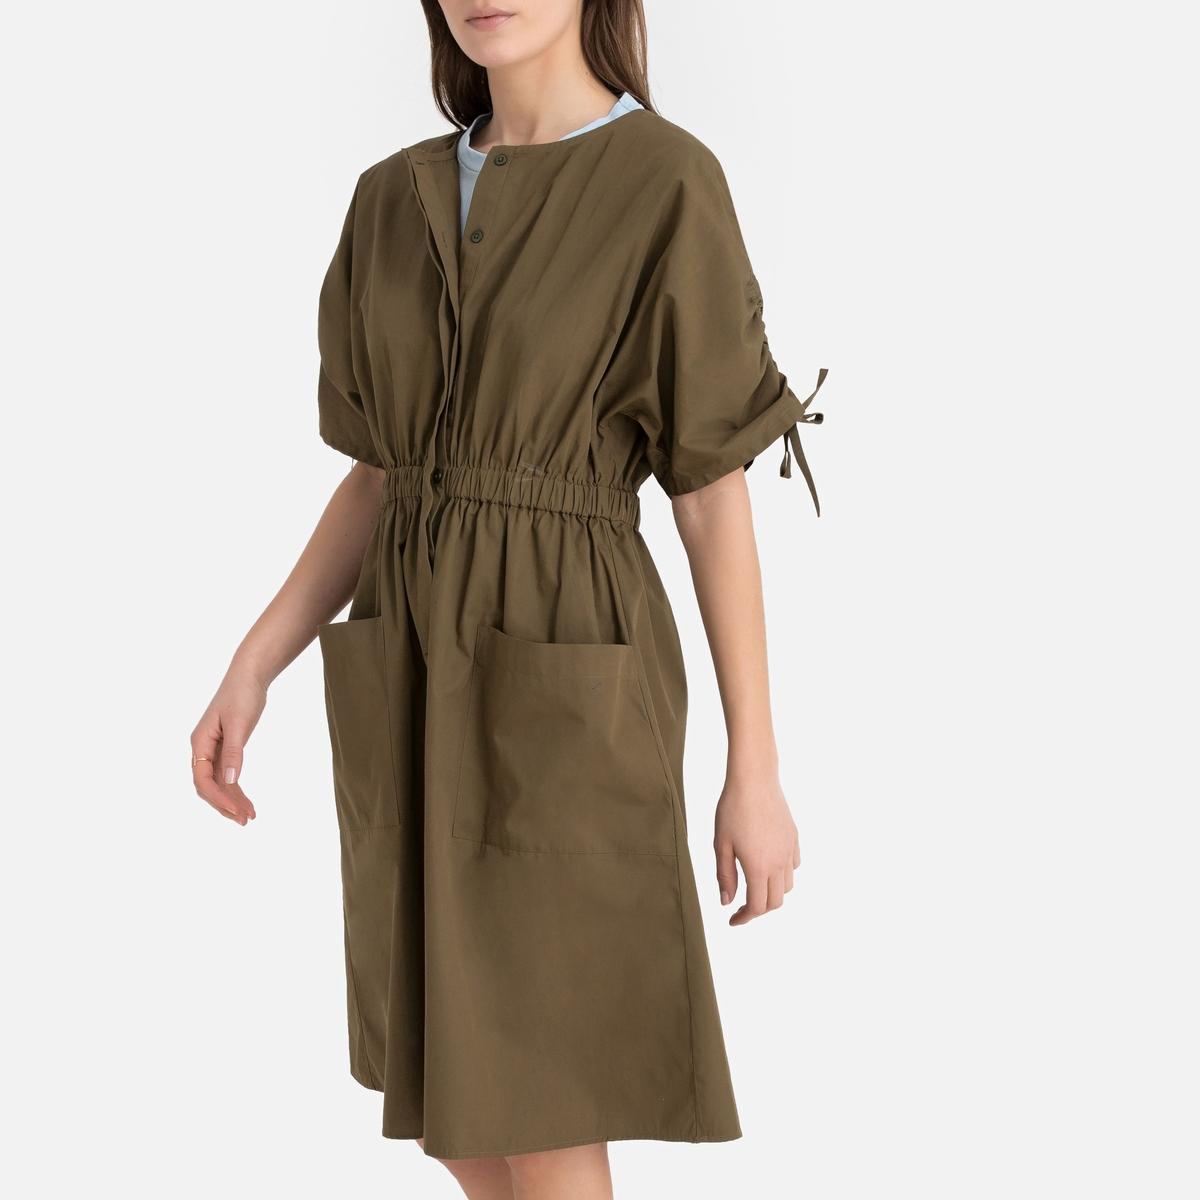 Платье La Redoute Прямое с короткими рукавами 46 (FR) - 52 (RUS) зеленый платье la redoute прямое с цветочным рисунком и короткими рукавами 36 fr 42 rus зеленый